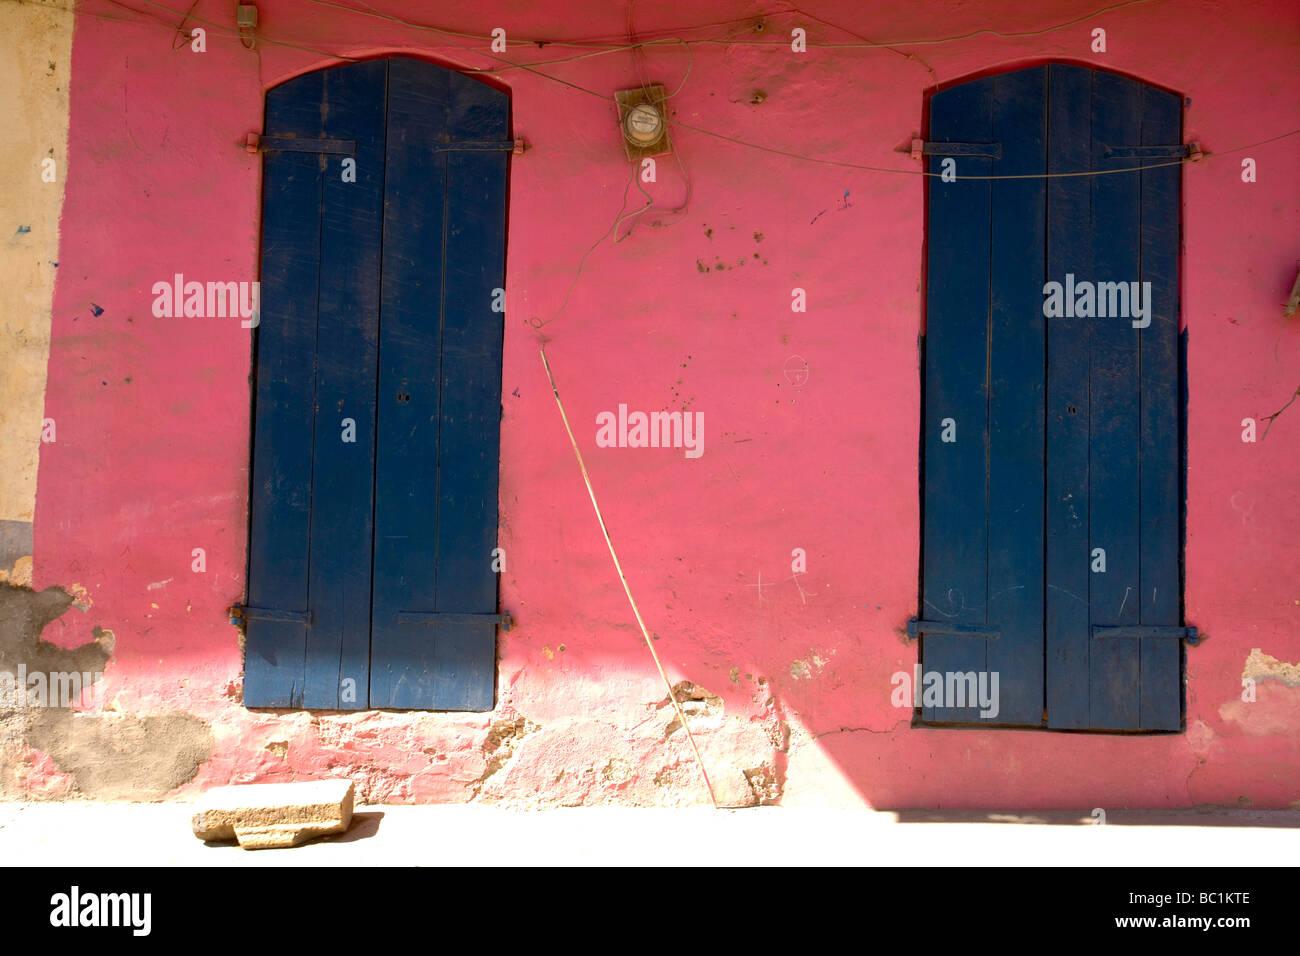 Haiti Nord Cap Haitien Doors. & Haiti Nord Cap Haitien Doors Stock Photo: 24623774 - Alamy